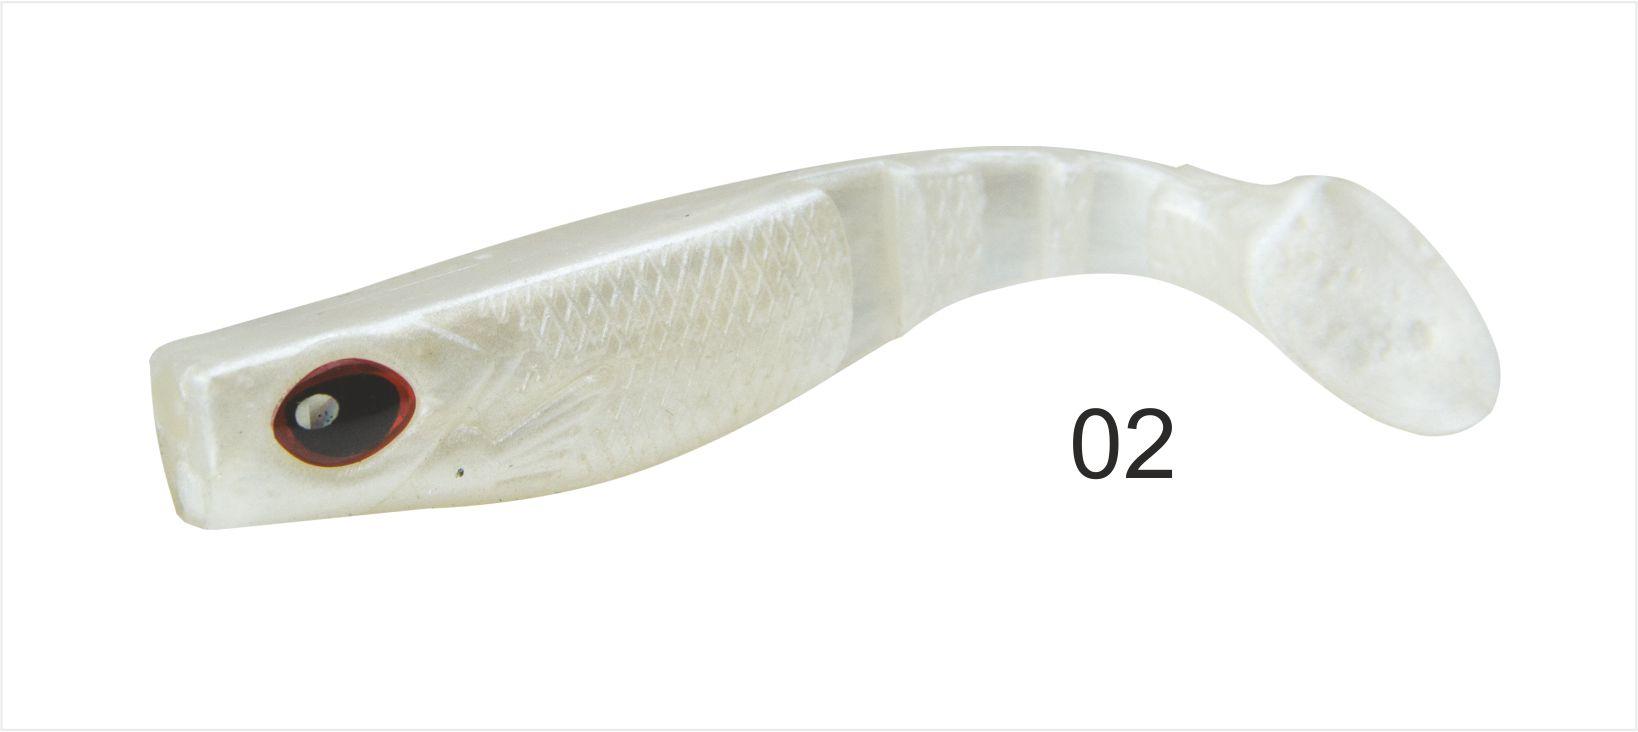 Mistrall gumová nástraha Dominátor 6,5 cm Možnost 02